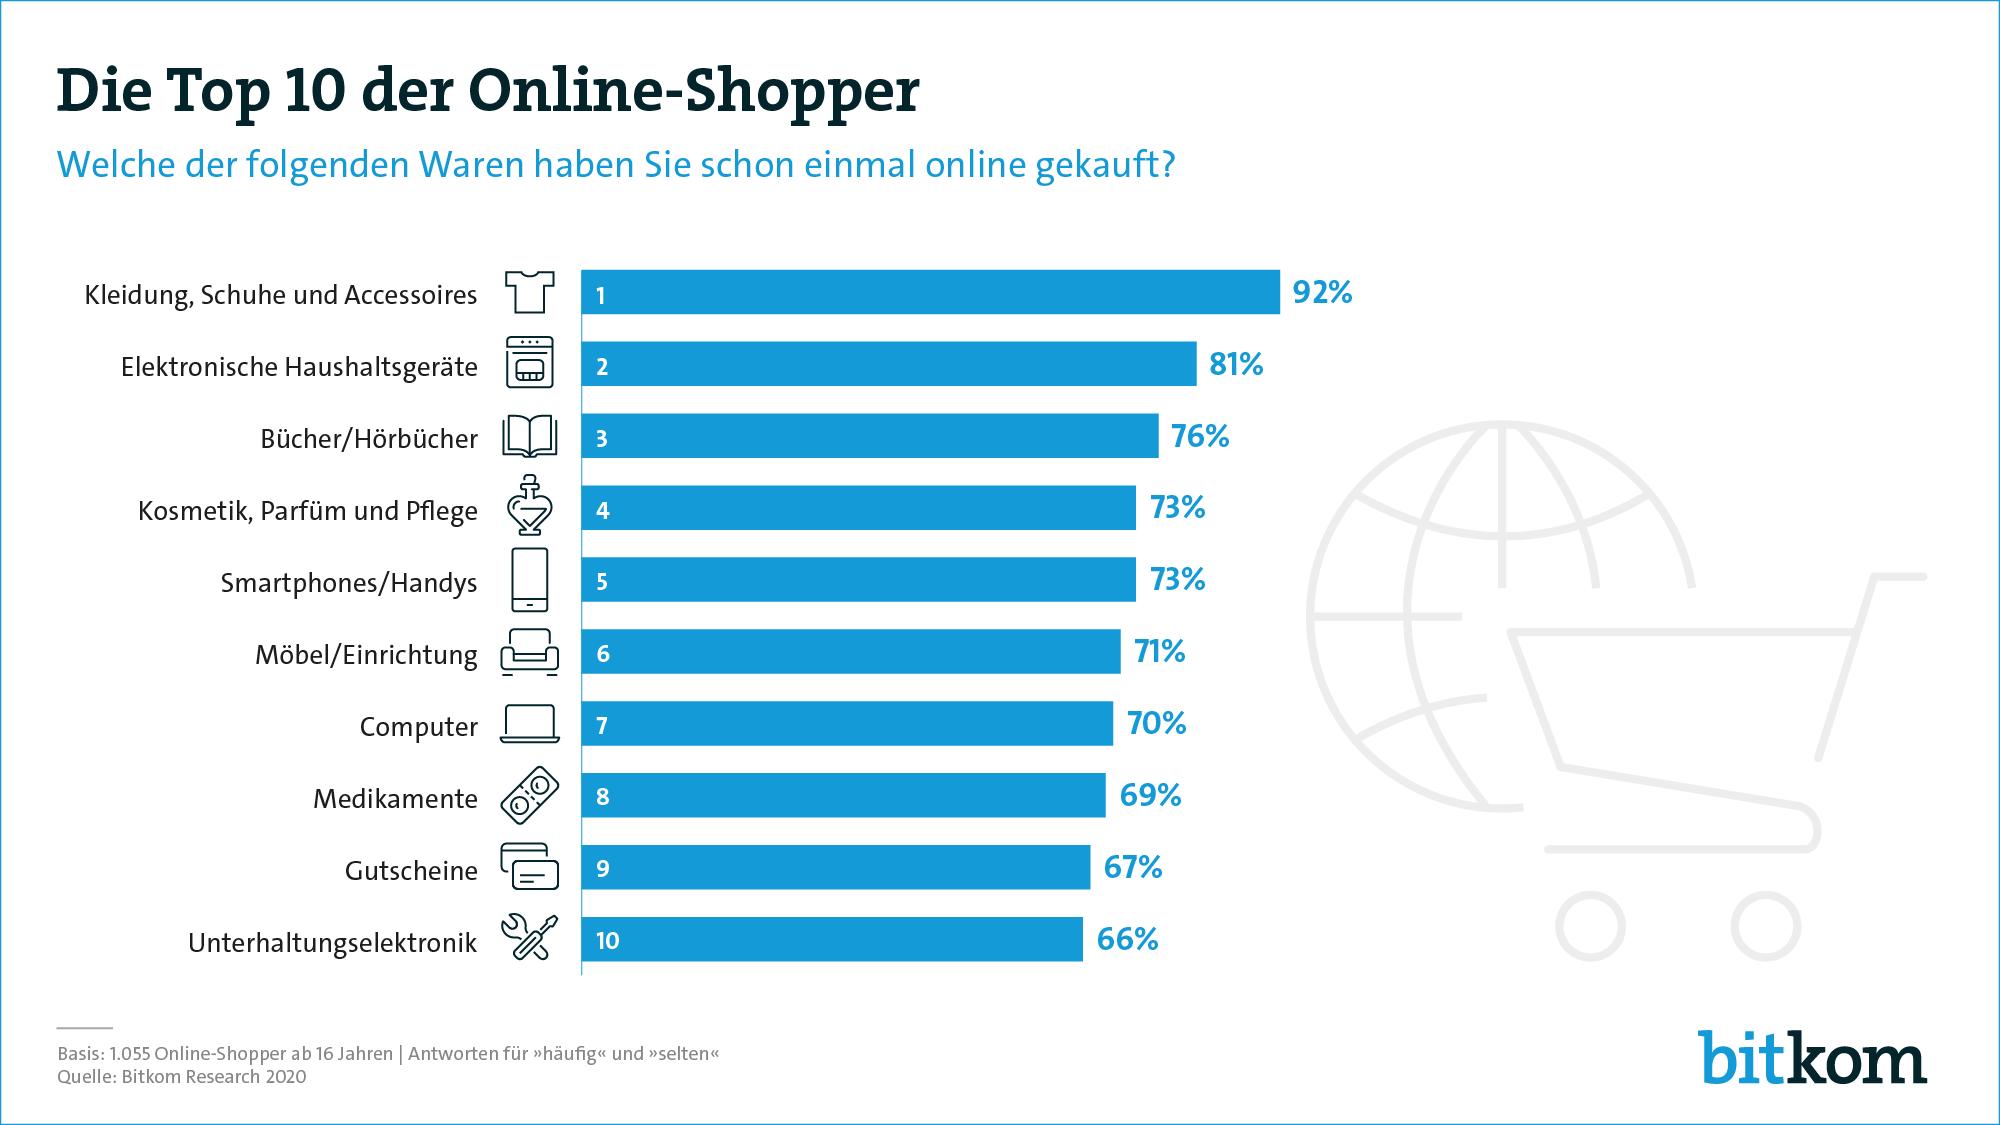 Top 10 Online-Shopper